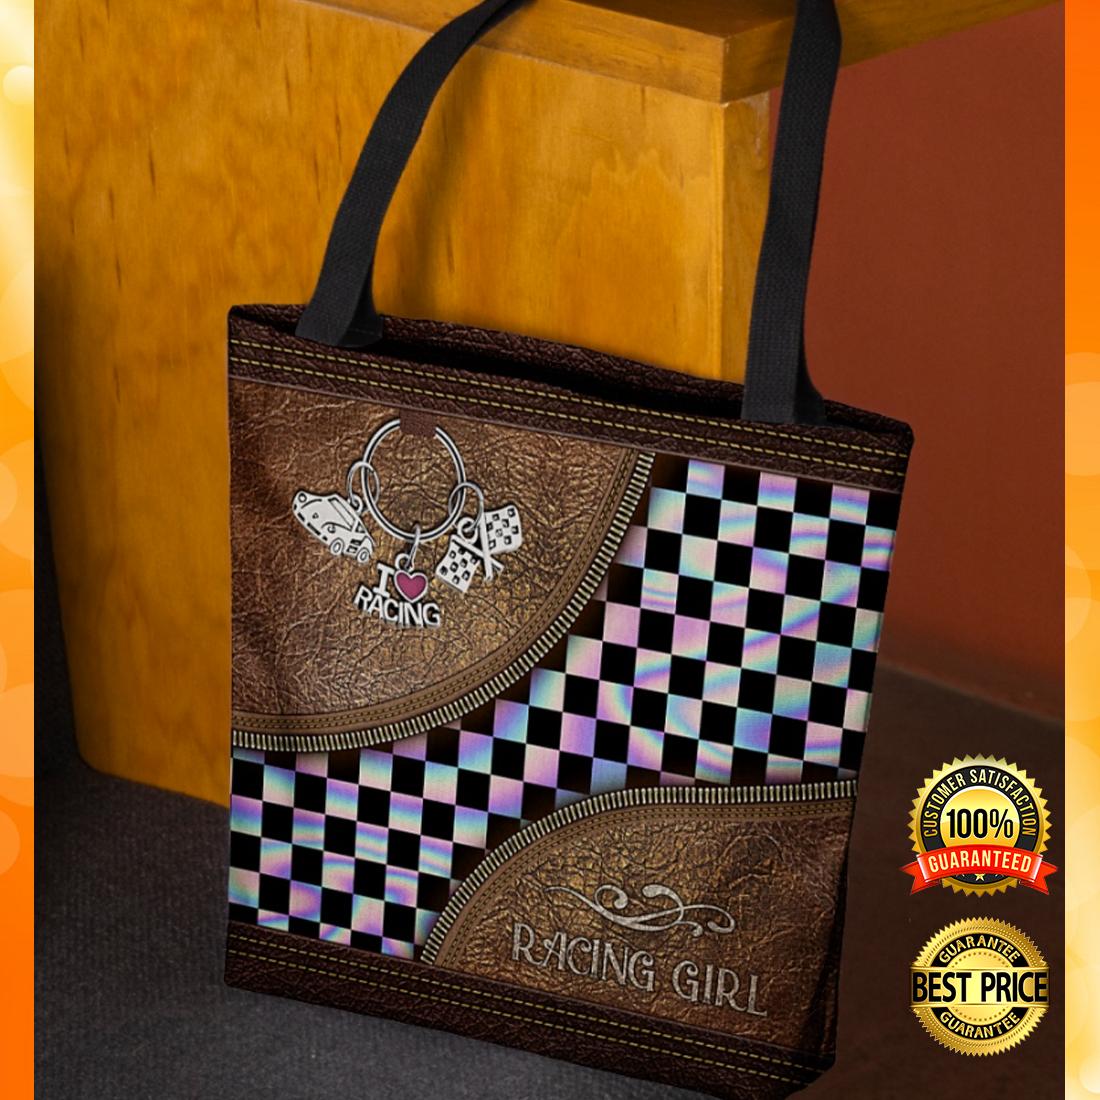 Racing girl tote bag 4